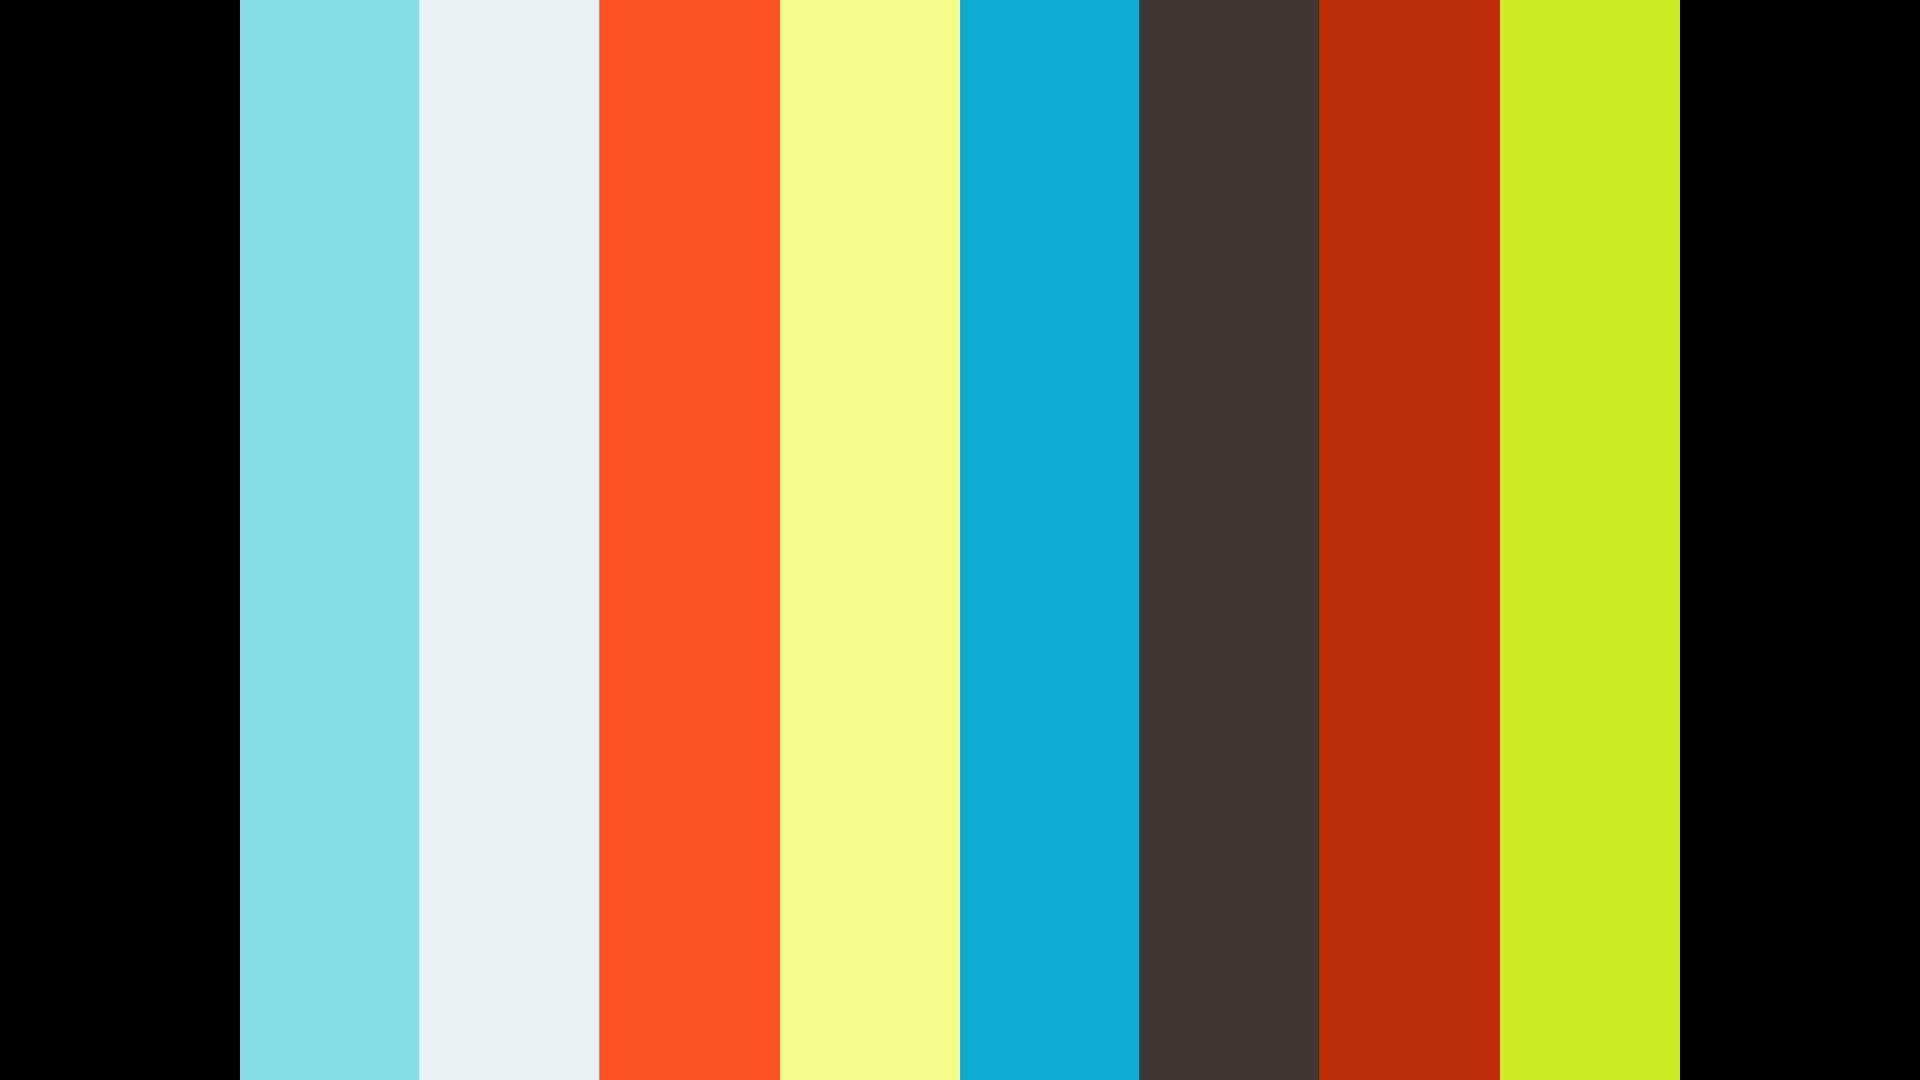 Dusky 227 (1280 x 720)